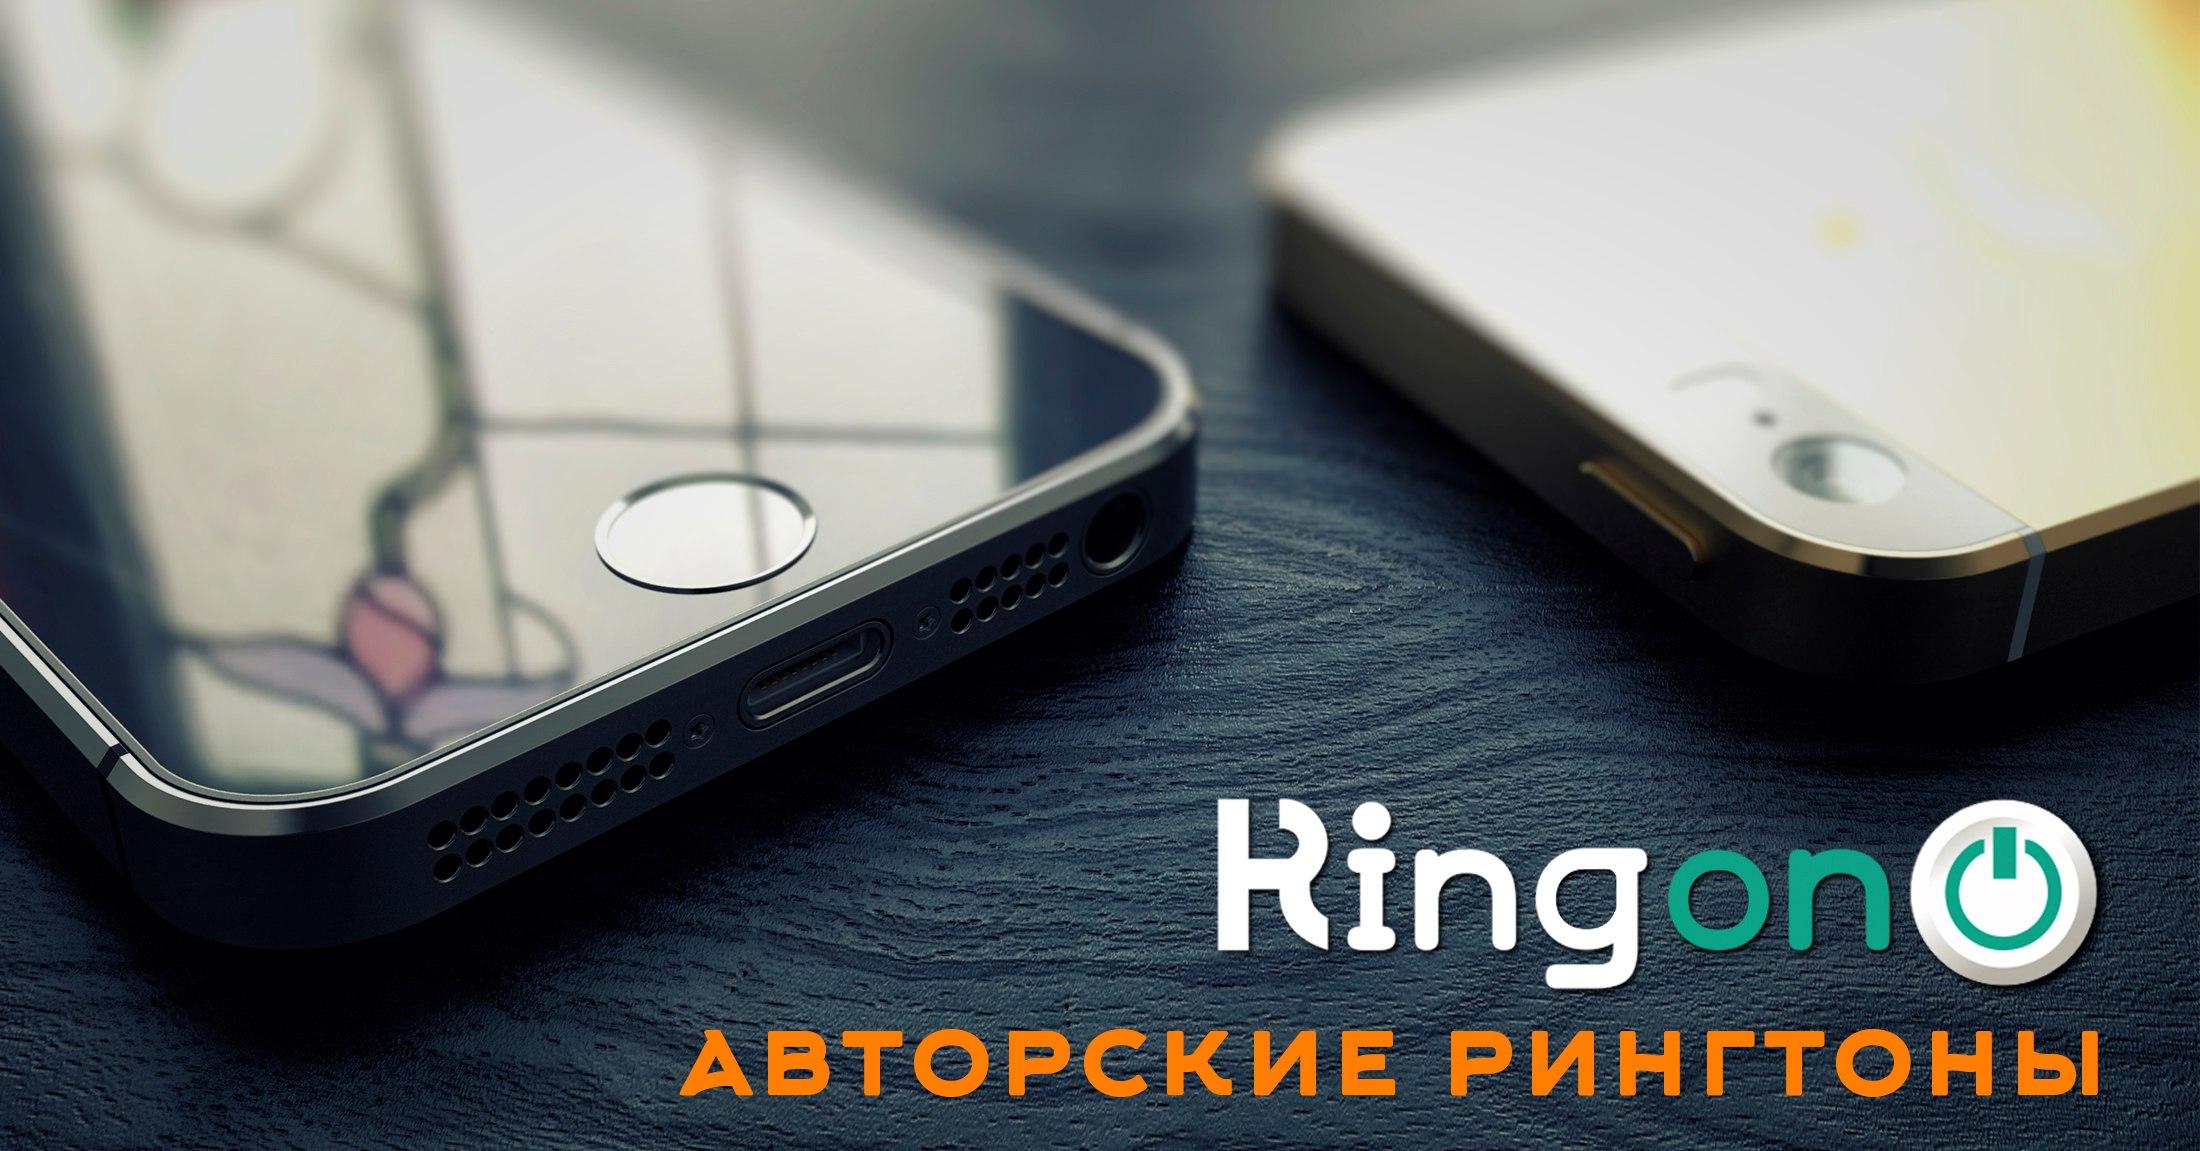 рингтон егор надо ли на телефон скачать бесплатно